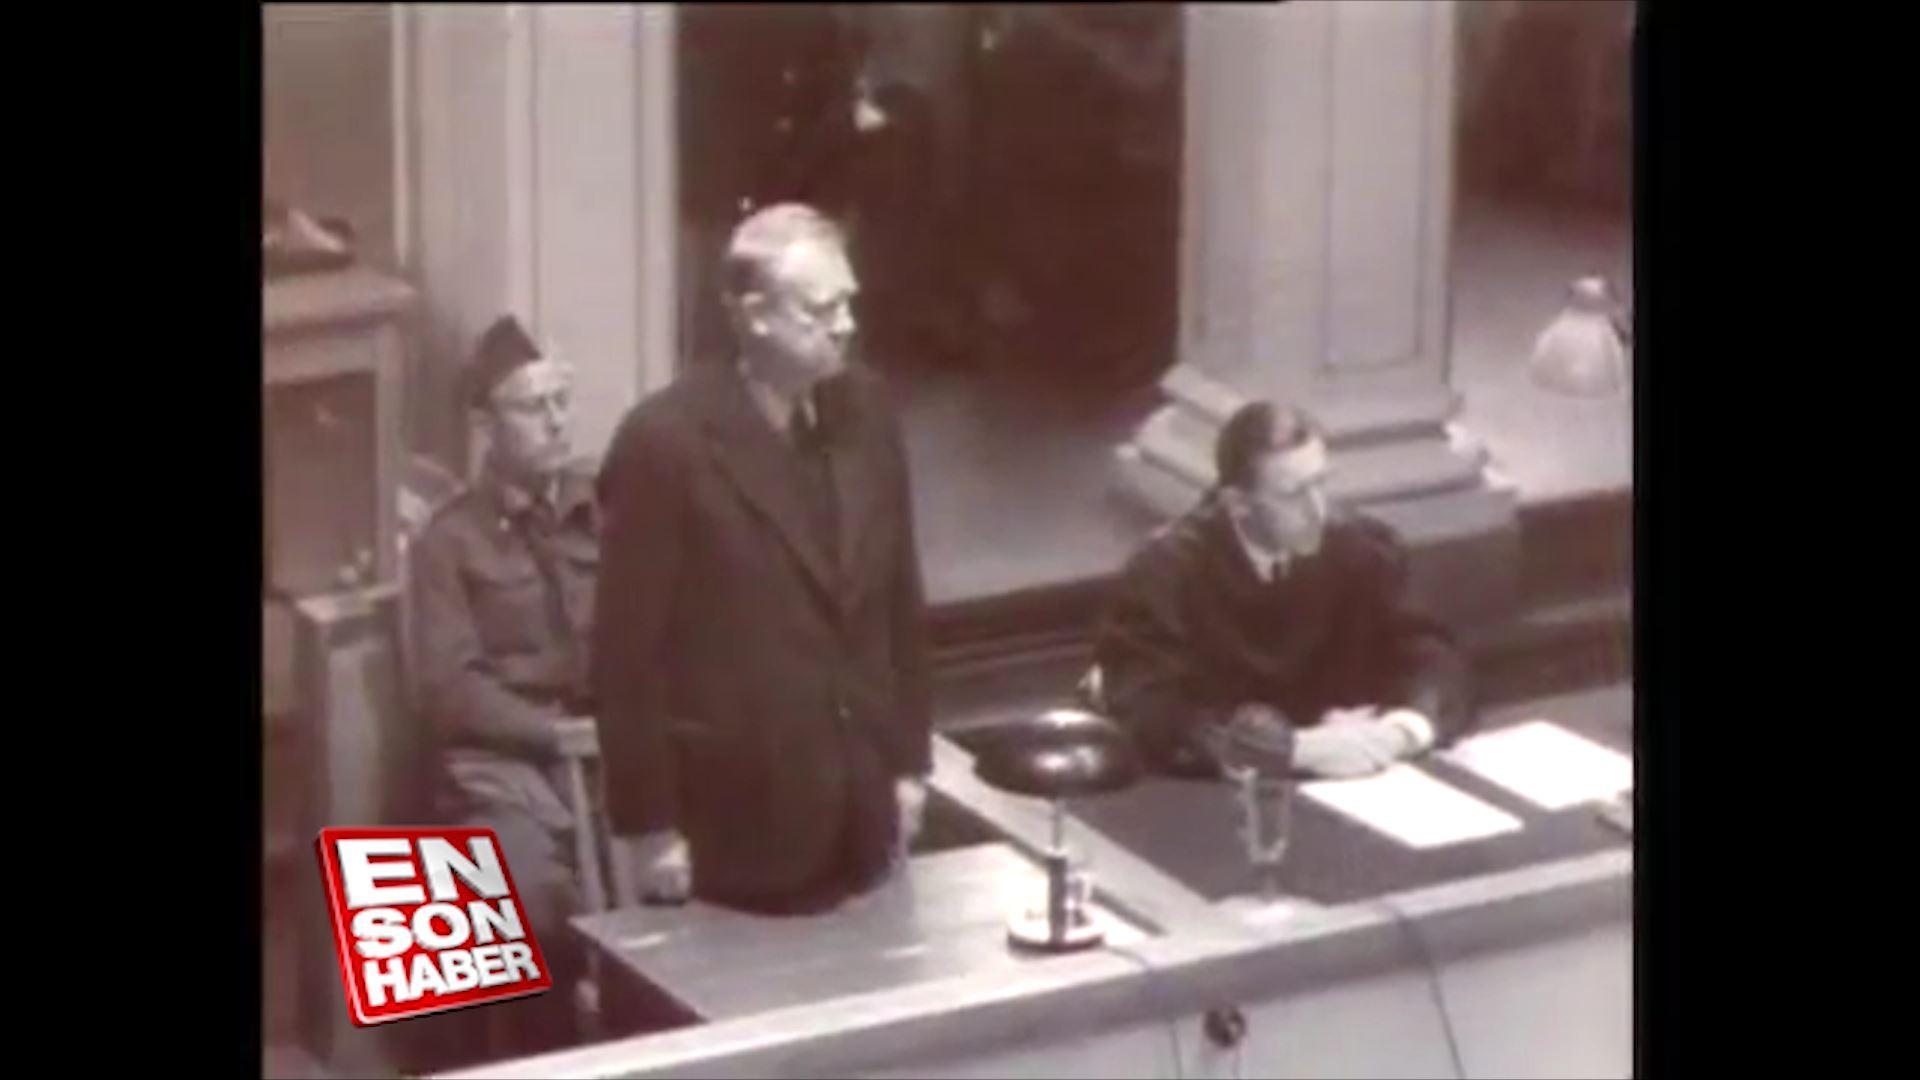 Vatanını Almanlara satan Norveç Başkanı Quisling